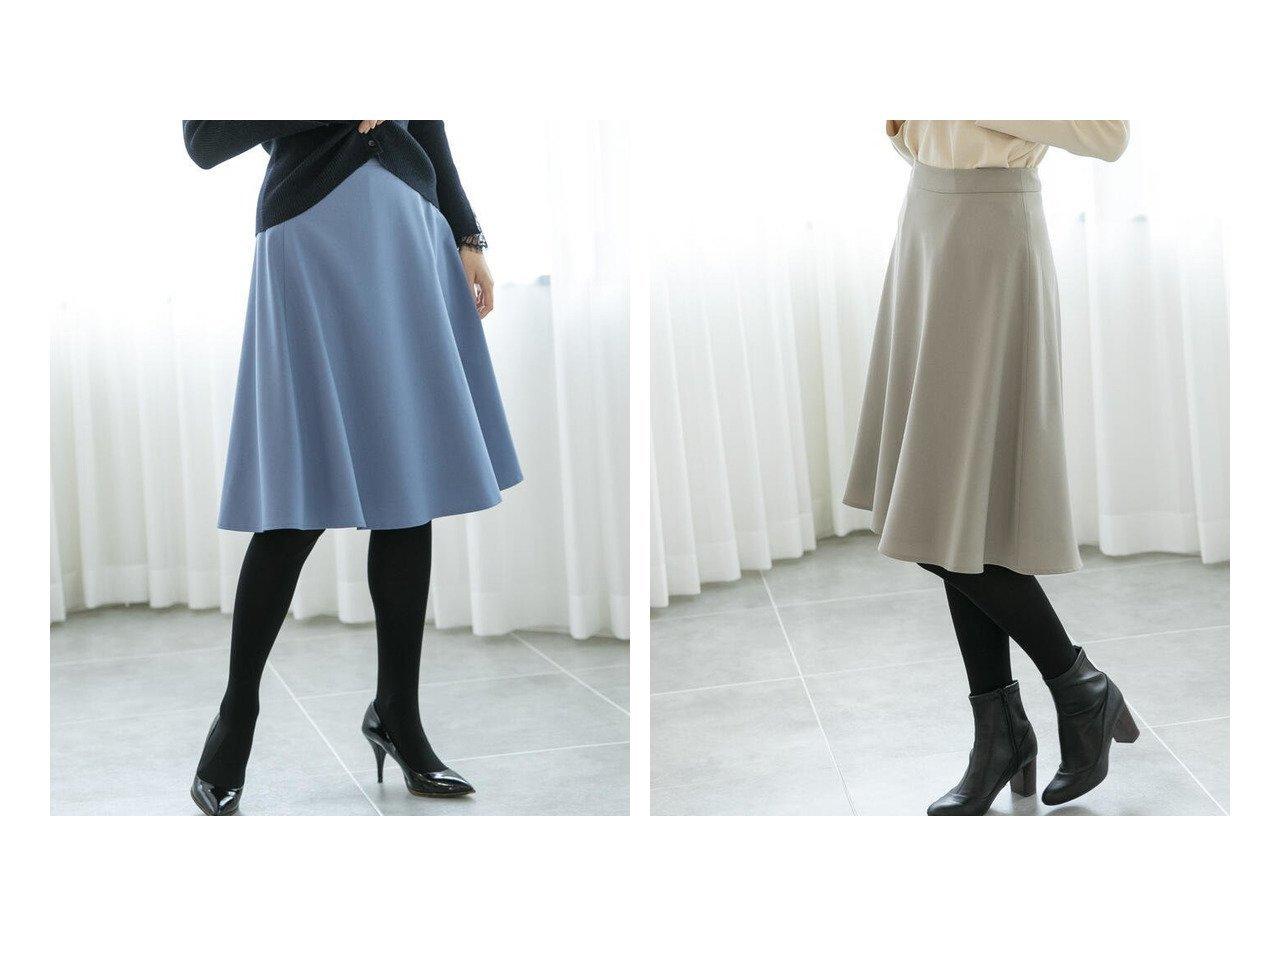 【Ketty/ケティ】のTRトロストレッチフレアスカート スカートのおすすめ!人気、トレンド・レディースファッションの通販 おすすめで人気の流行・トレンド、ファッションの通販商品 メンズファッション・キッズファッション・インテリア・家具・レディースファッション・服の通販 founy(ファニー) https://founy.com/ ファッション Fashion レディースファッション WOMEN スカート Skirt Aライン/フレアスカート Flared A-Line Skirts NEW・新作・新着・新入荷 New Arrivals フレア |ID:crp329100000022480